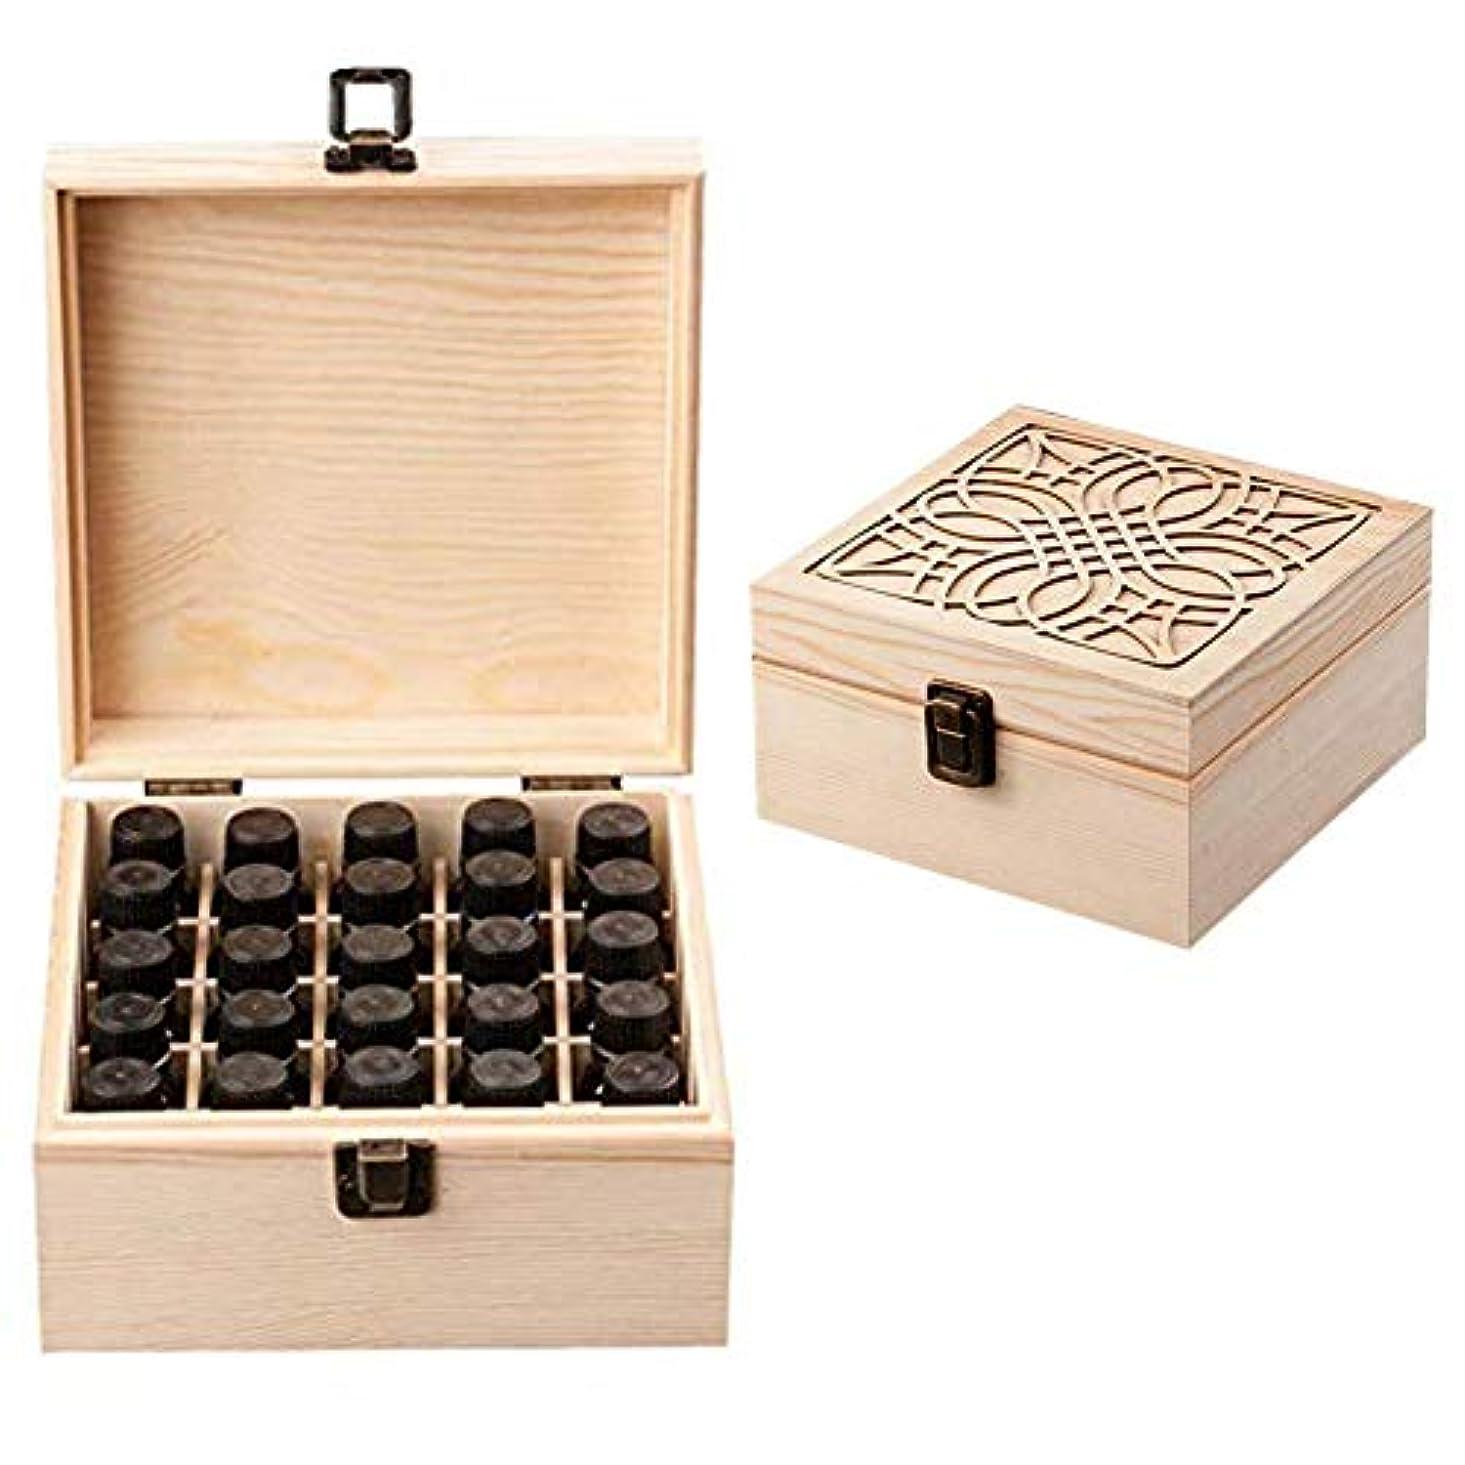 誘導洗う義務エッセンシャルオイル収納ボックス 大容量 和風 レトロ 木製 精油収納 携帯便利 オイルボックス 飾り物 25本用